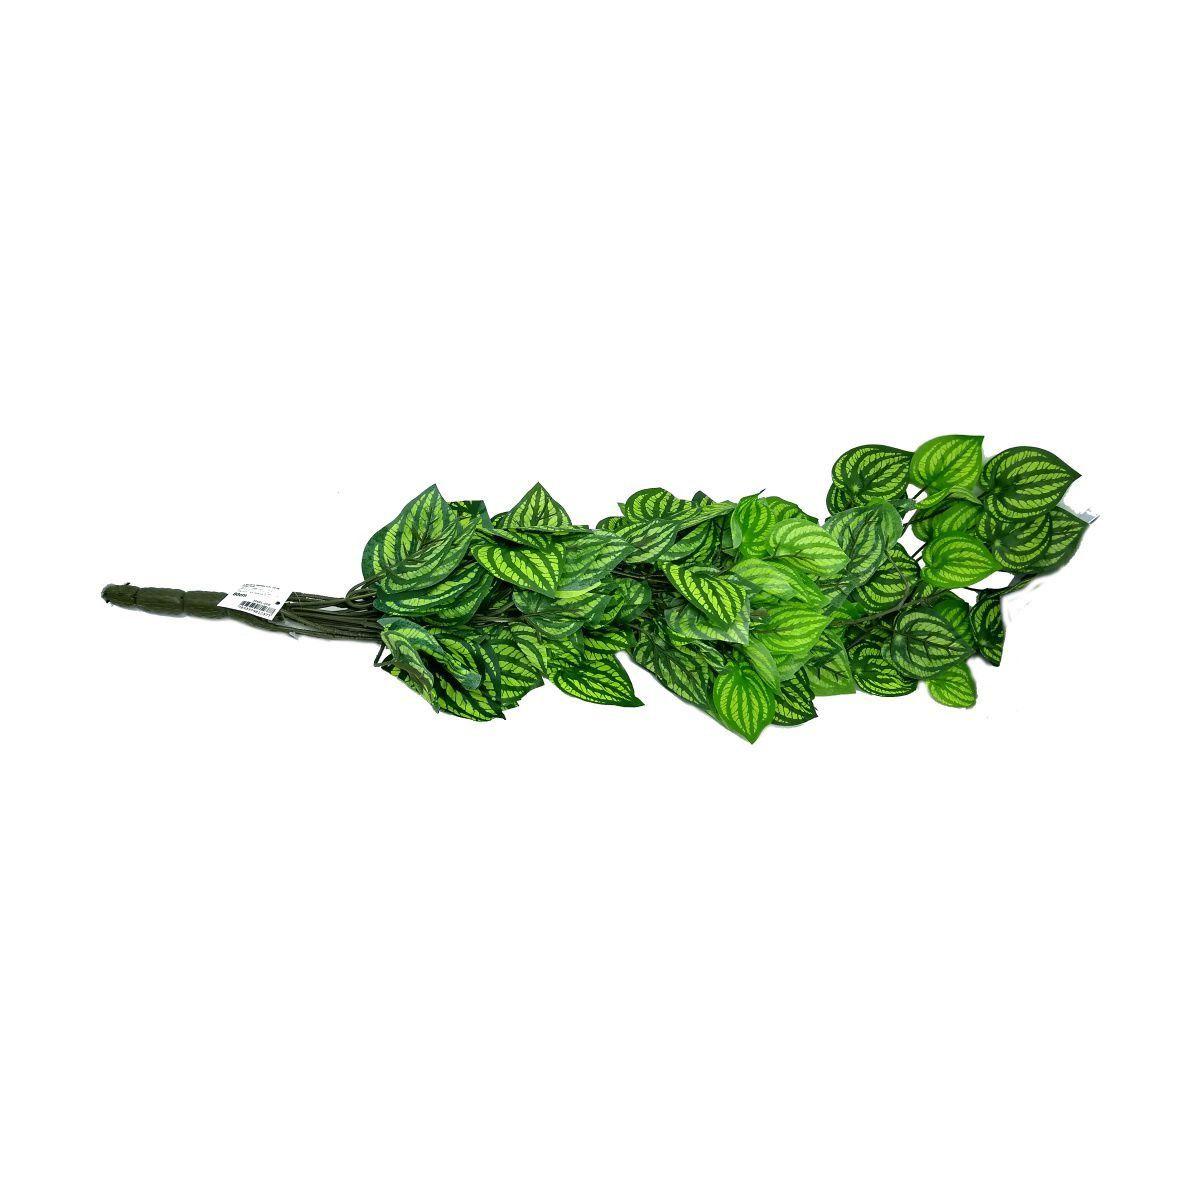 Folhagem Melancia artificial para Pendurar X408 Verde e Creme 91cm - 01299004